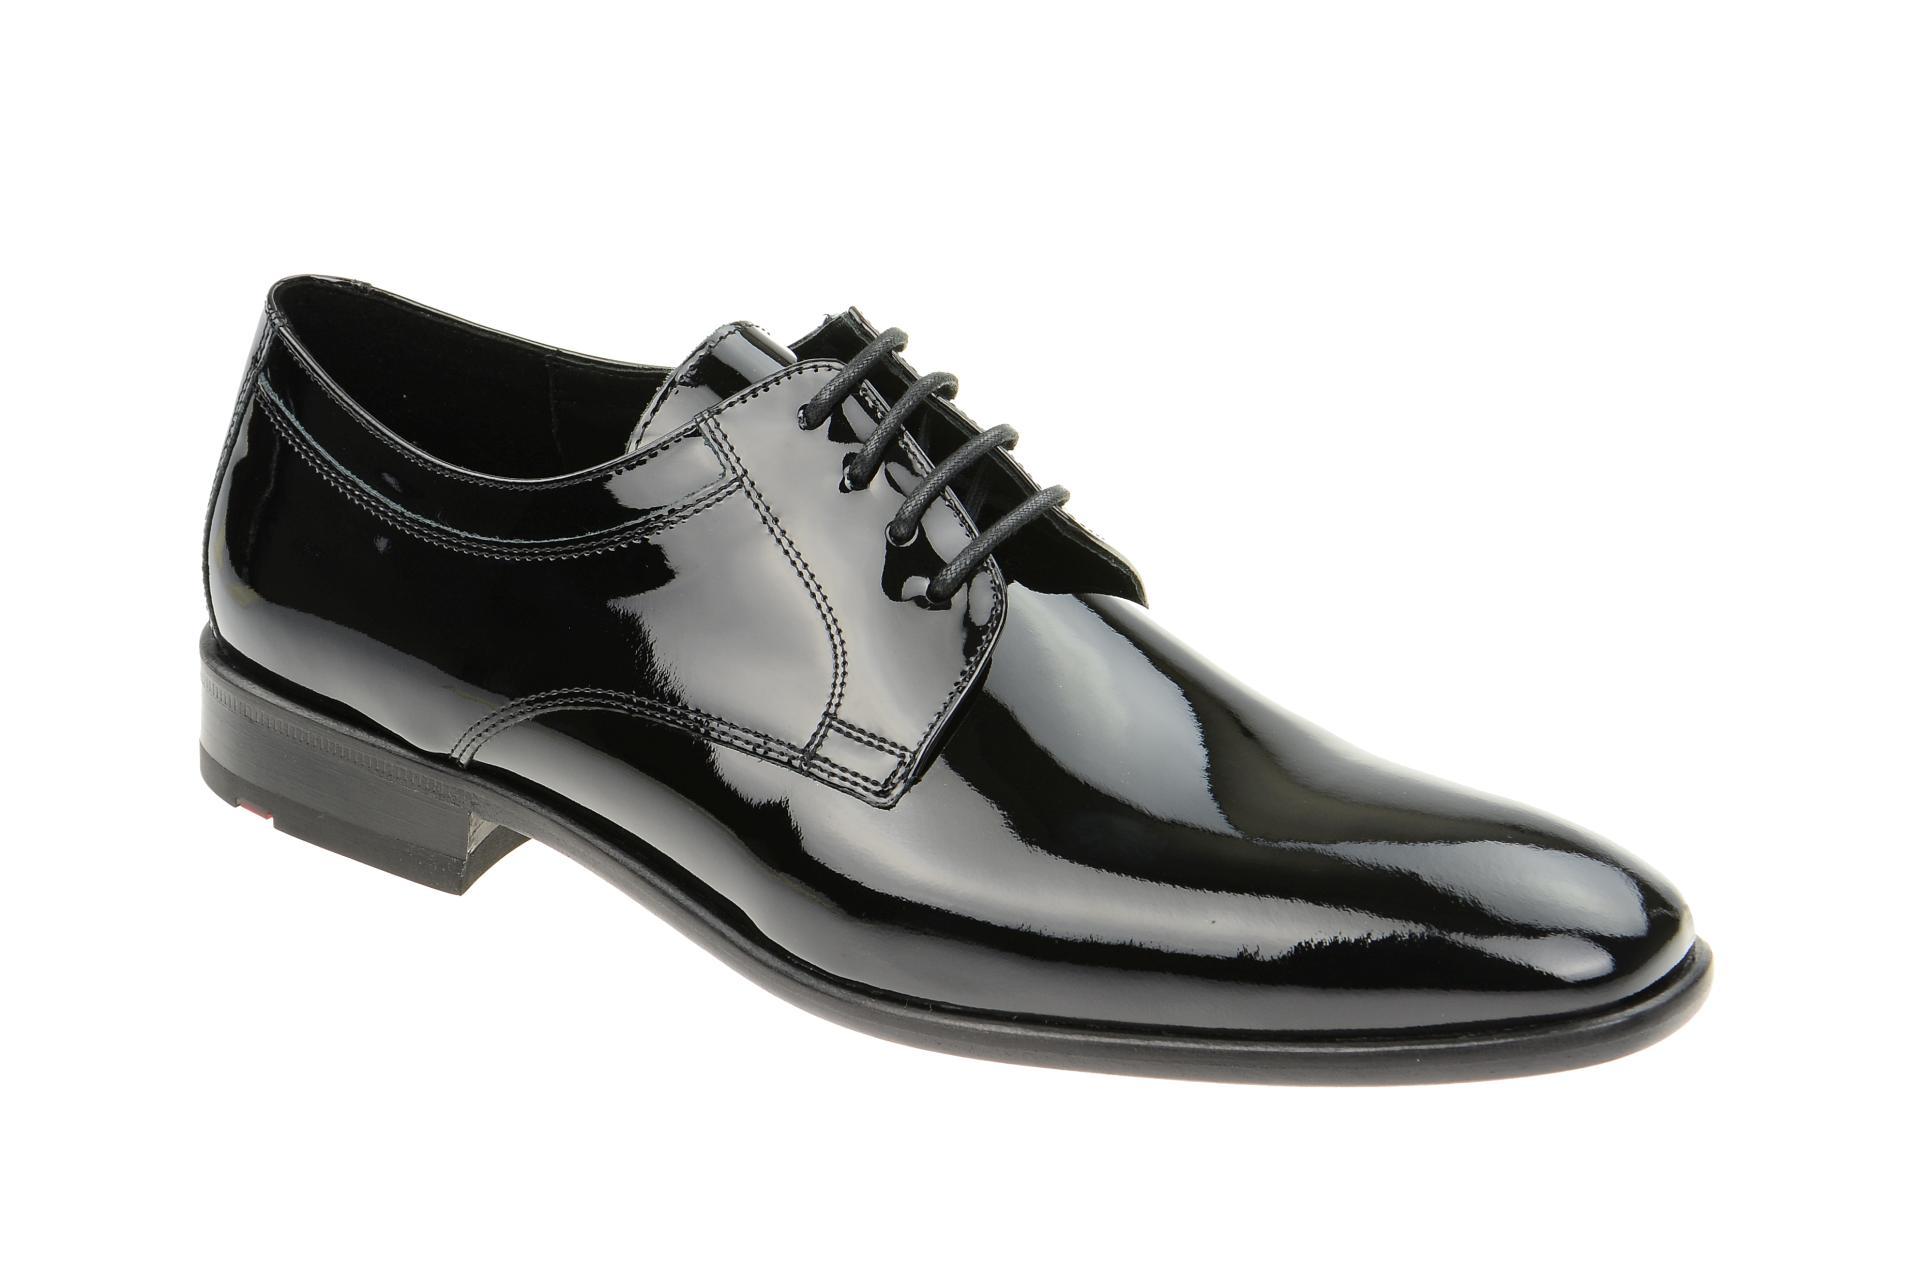 bec5d592b92c06 LLOYD Schuhe FREEMAN schwarz Herrenschuhe elegante Halbschuhe 29-842-20 NEU